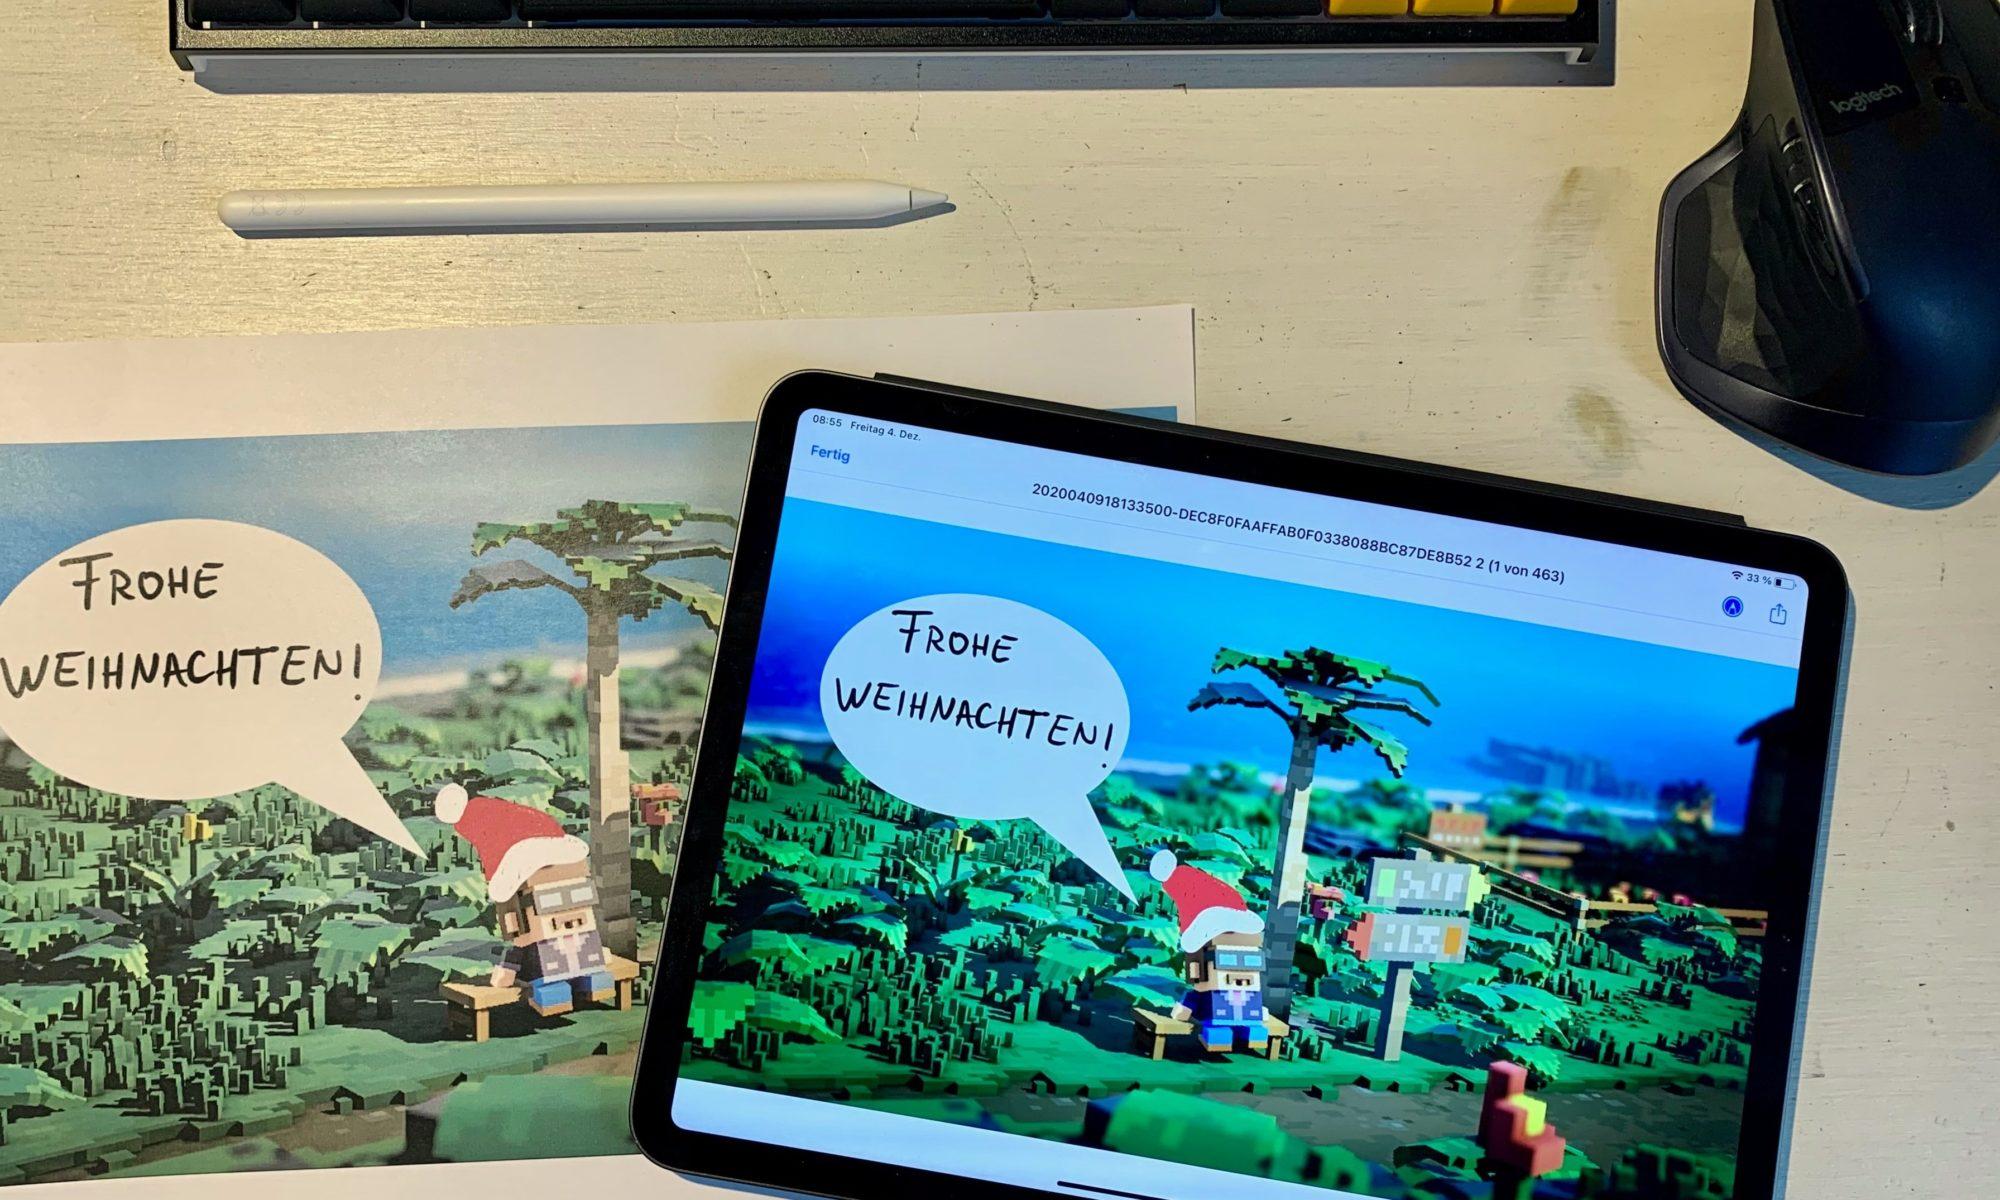 Weihnachtspostkarte, erstellt aus Videospielscreenshot und Foto-App